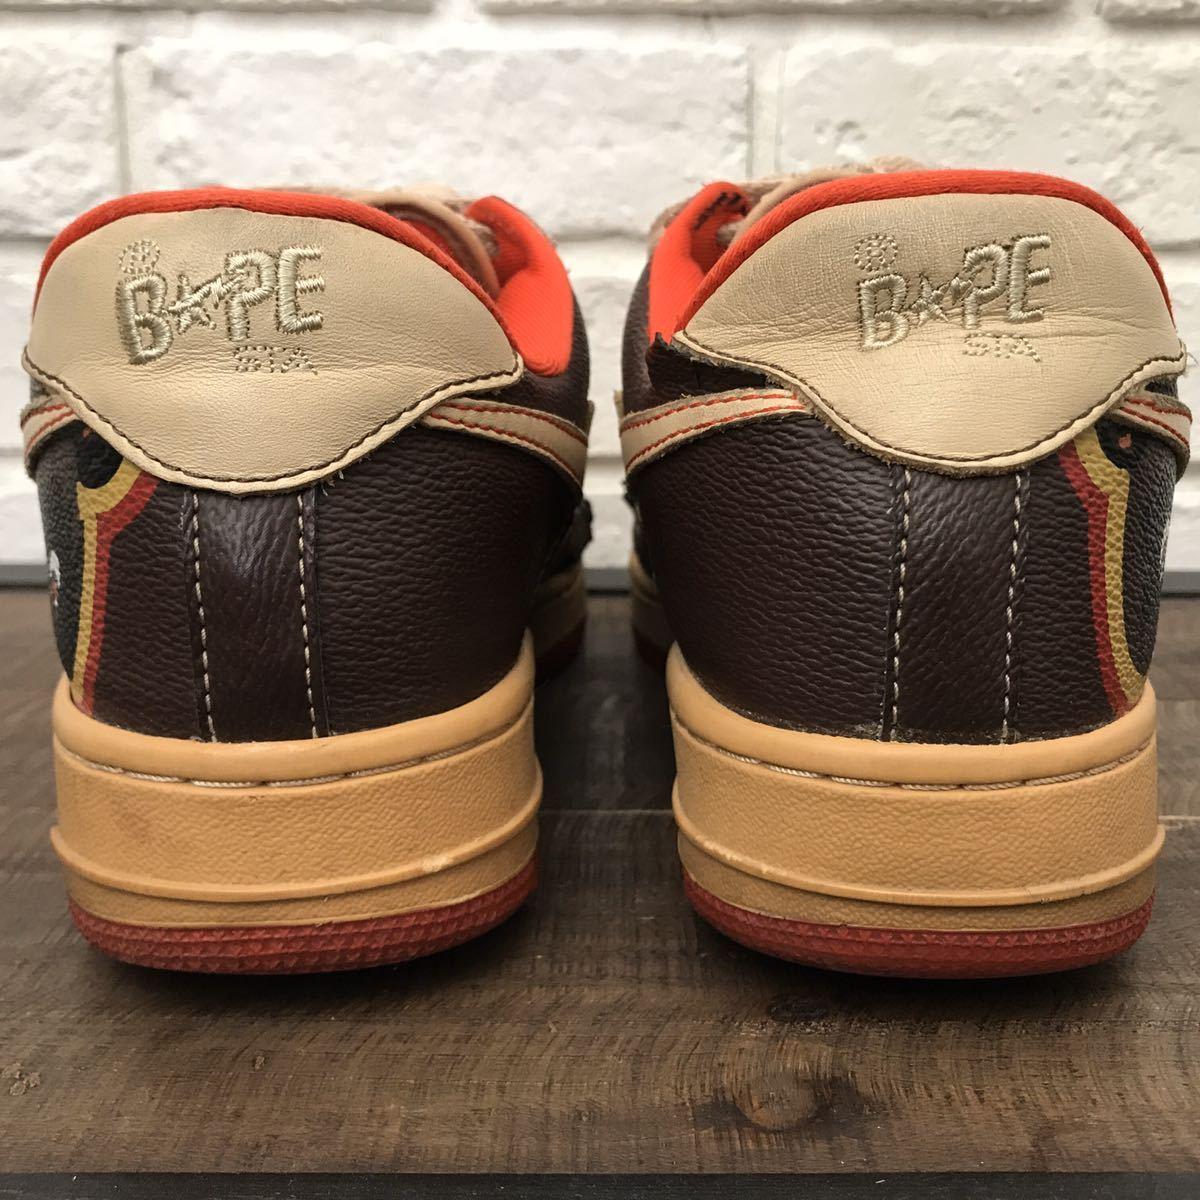 ★激レア★ BAPESTA kanye west 27.5cm a bathing ape BAPE ベイプスタ カニエ エイプ ベイプ スニーカー sneakers College Dropout nigo